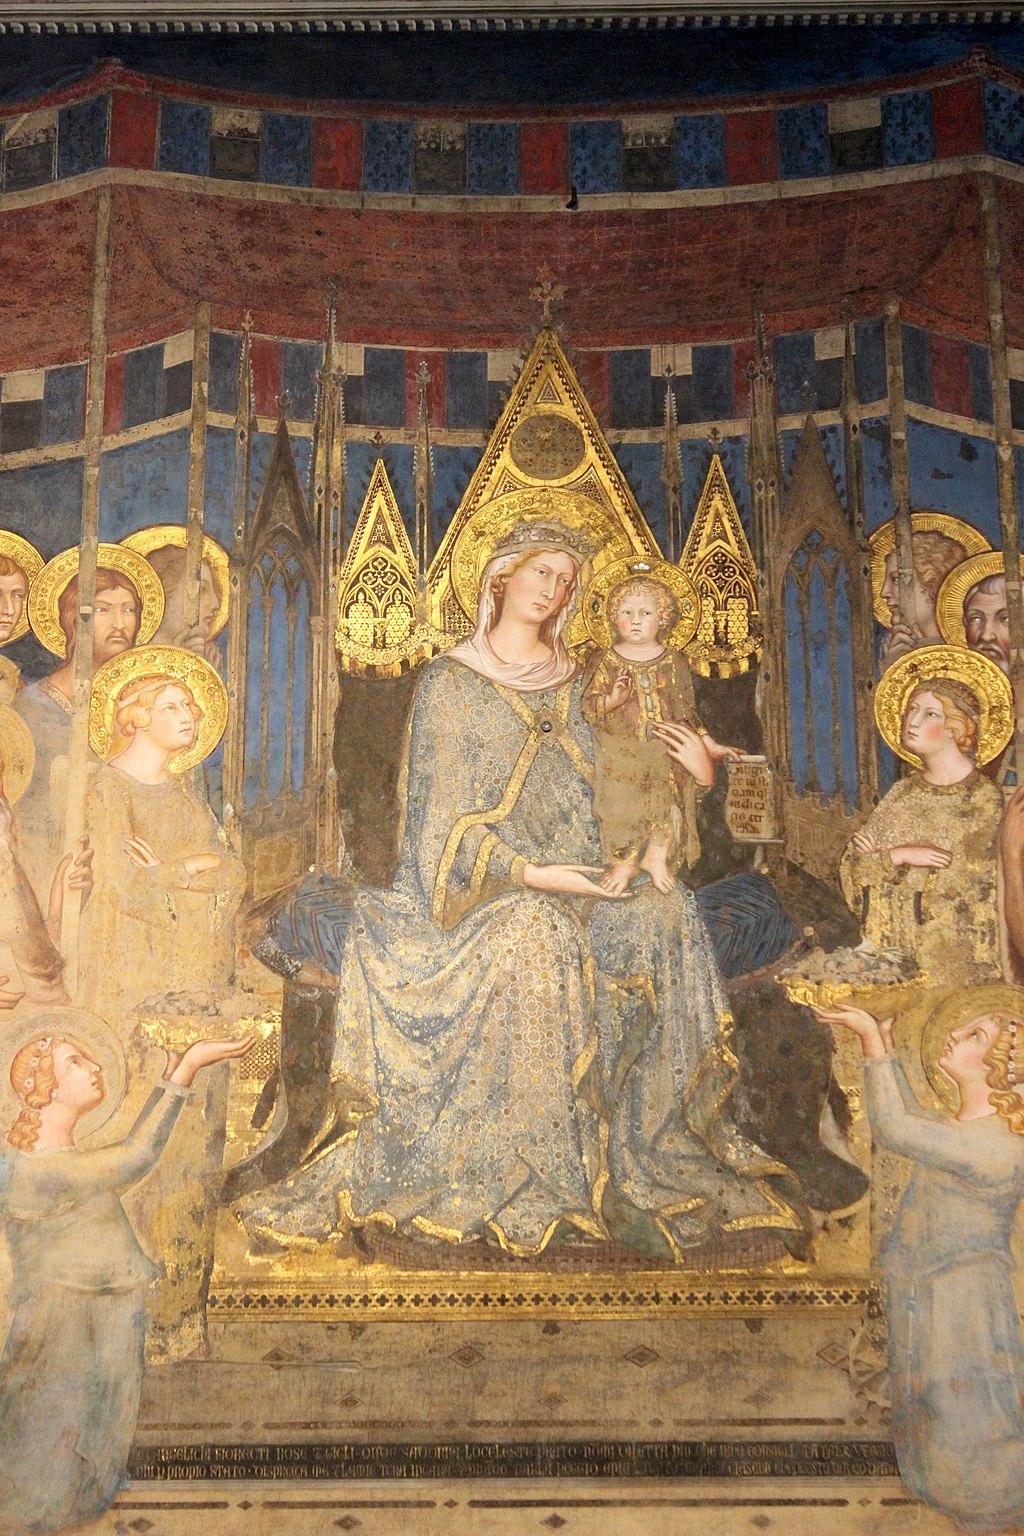 Simone Martini, Maestà (particolare della Madonna in trono), 1316, Sala del Mappamondo, Palazzo Pubblico, Siena